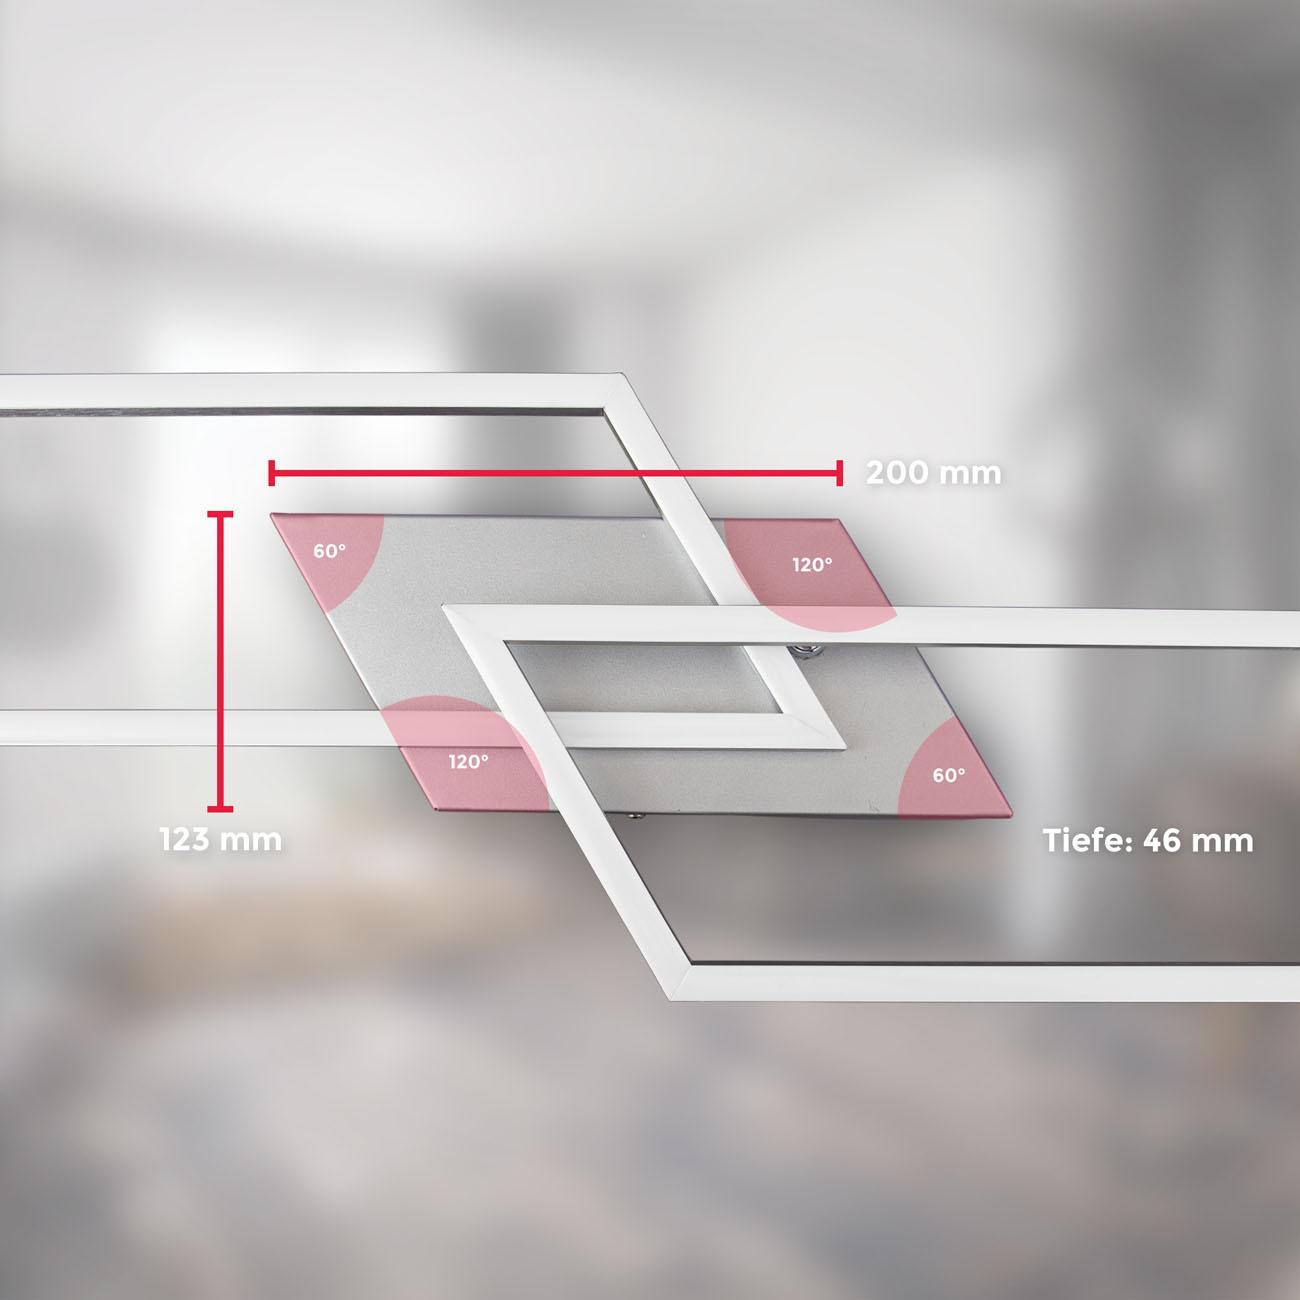 CCT LED Deckenleuchte mit Farbwechsel schwenkbar - 8